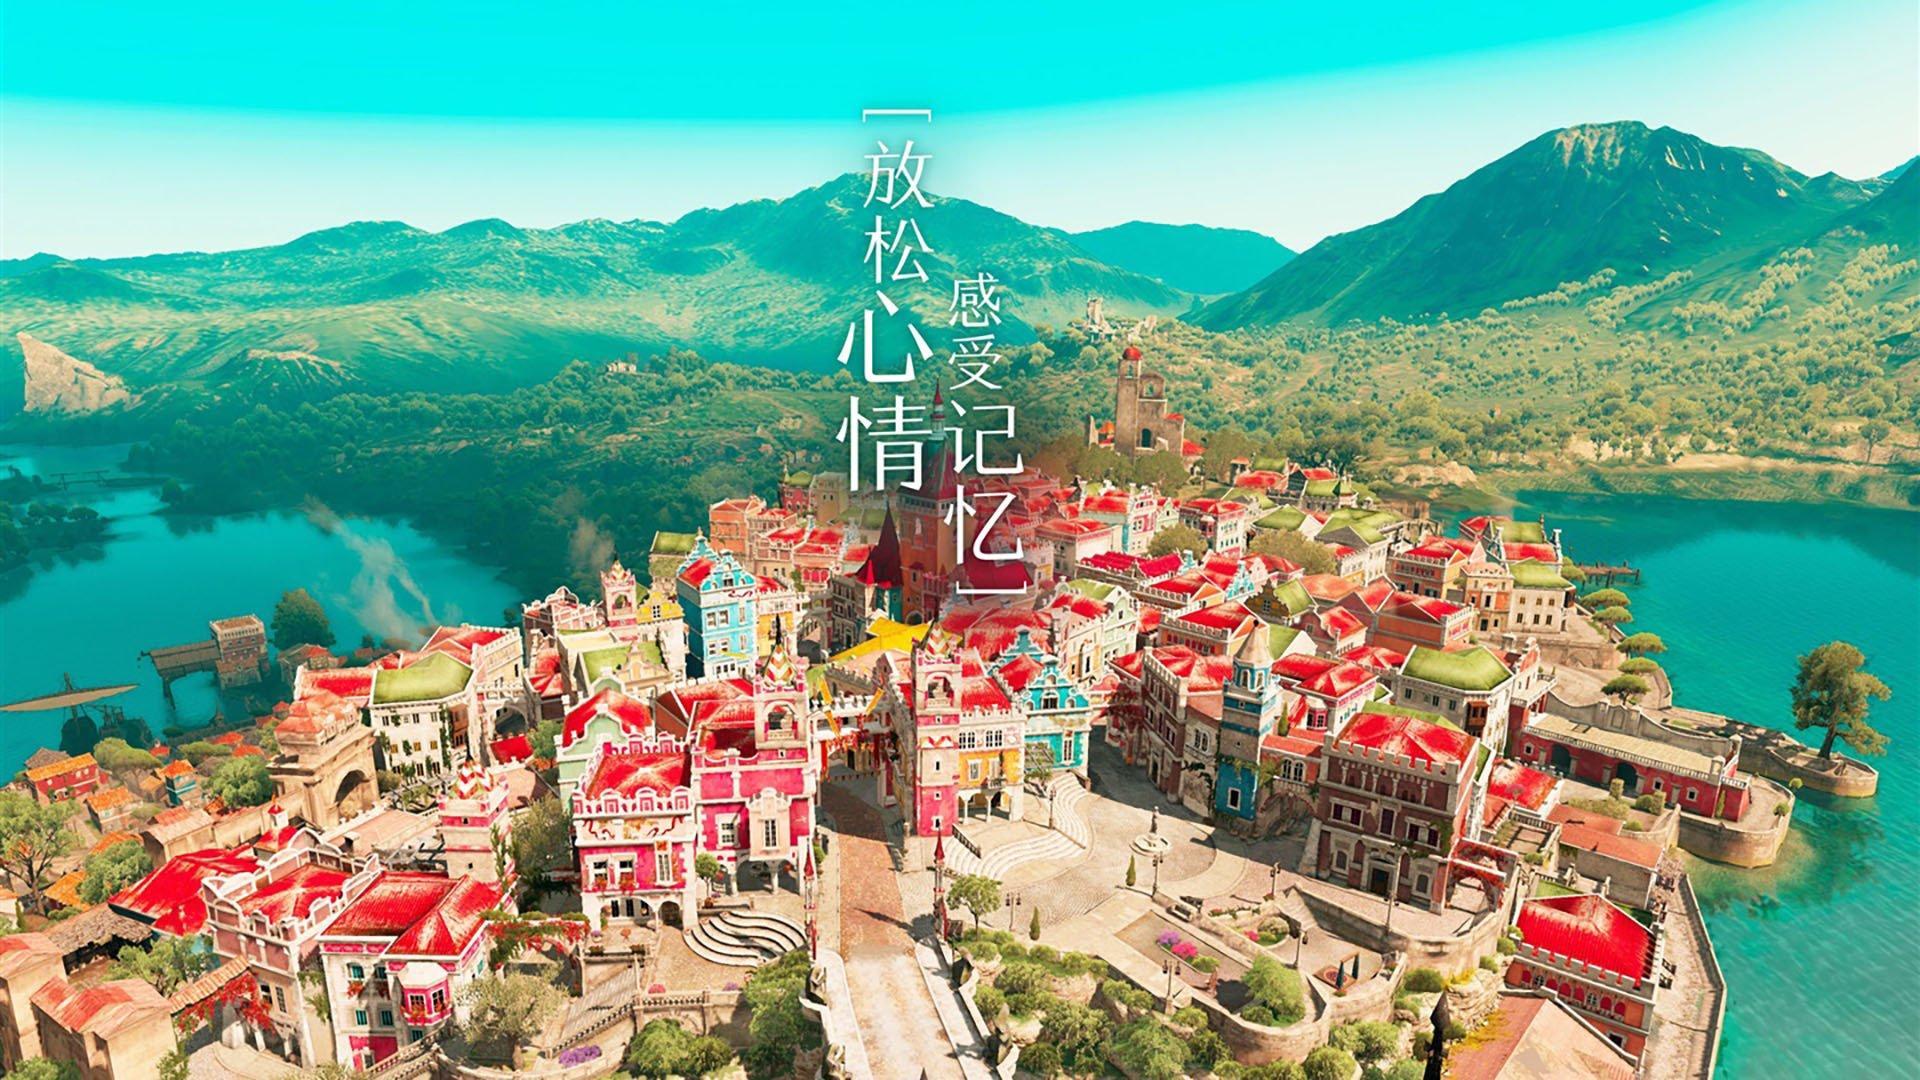 《第一财经》是上海的节目还是全国的节目啊